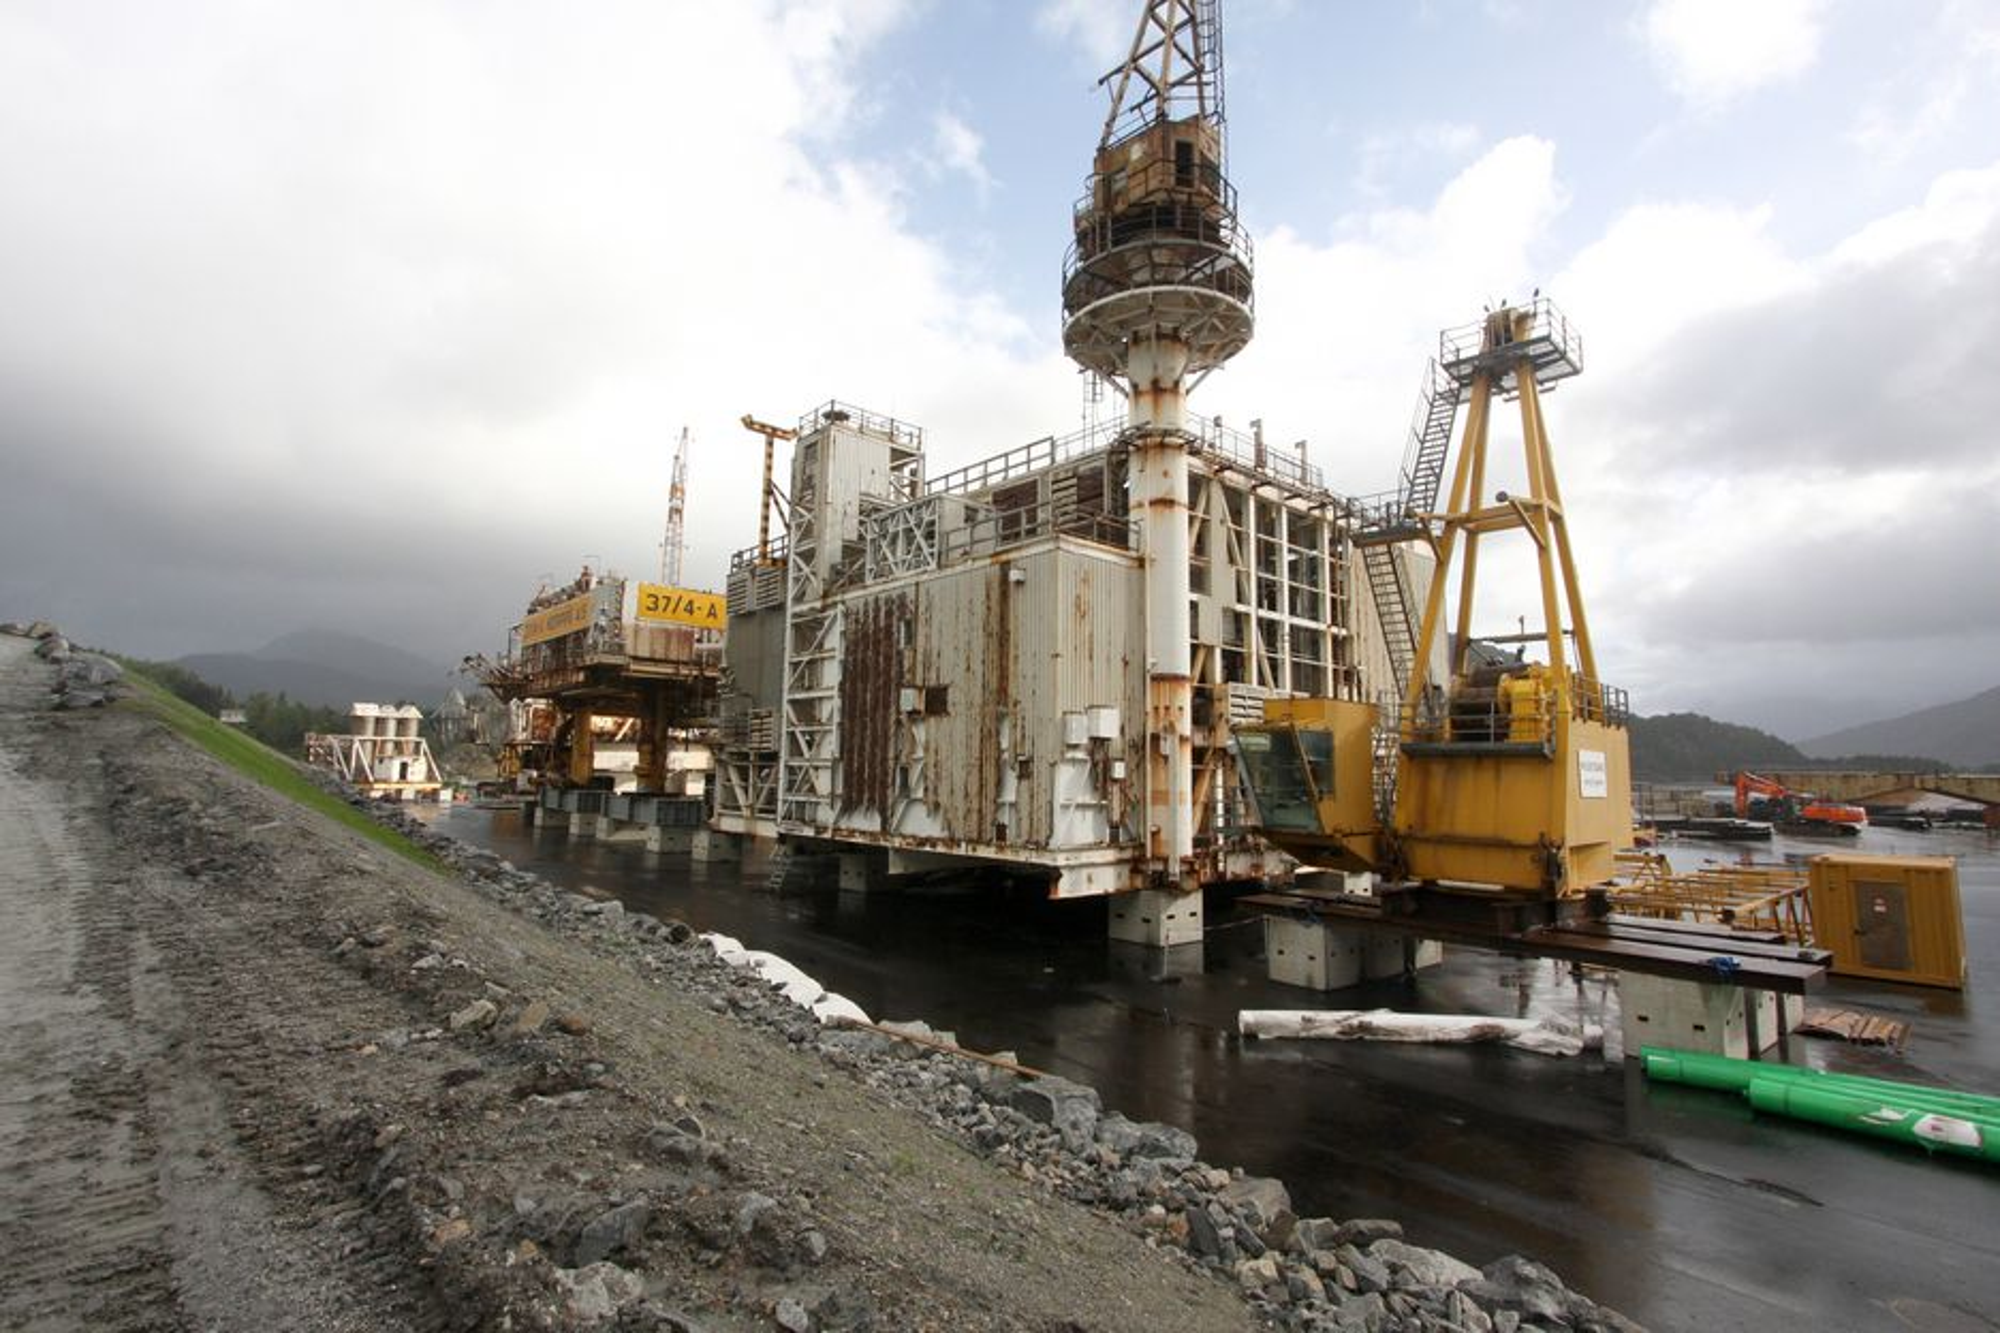 MÅ AVKLARES: Miljøverndepartementet har bedt SFT om å avklare hvordan opphugging og gjenvinning av oljeplattformene skal håndteres i fremtiden.